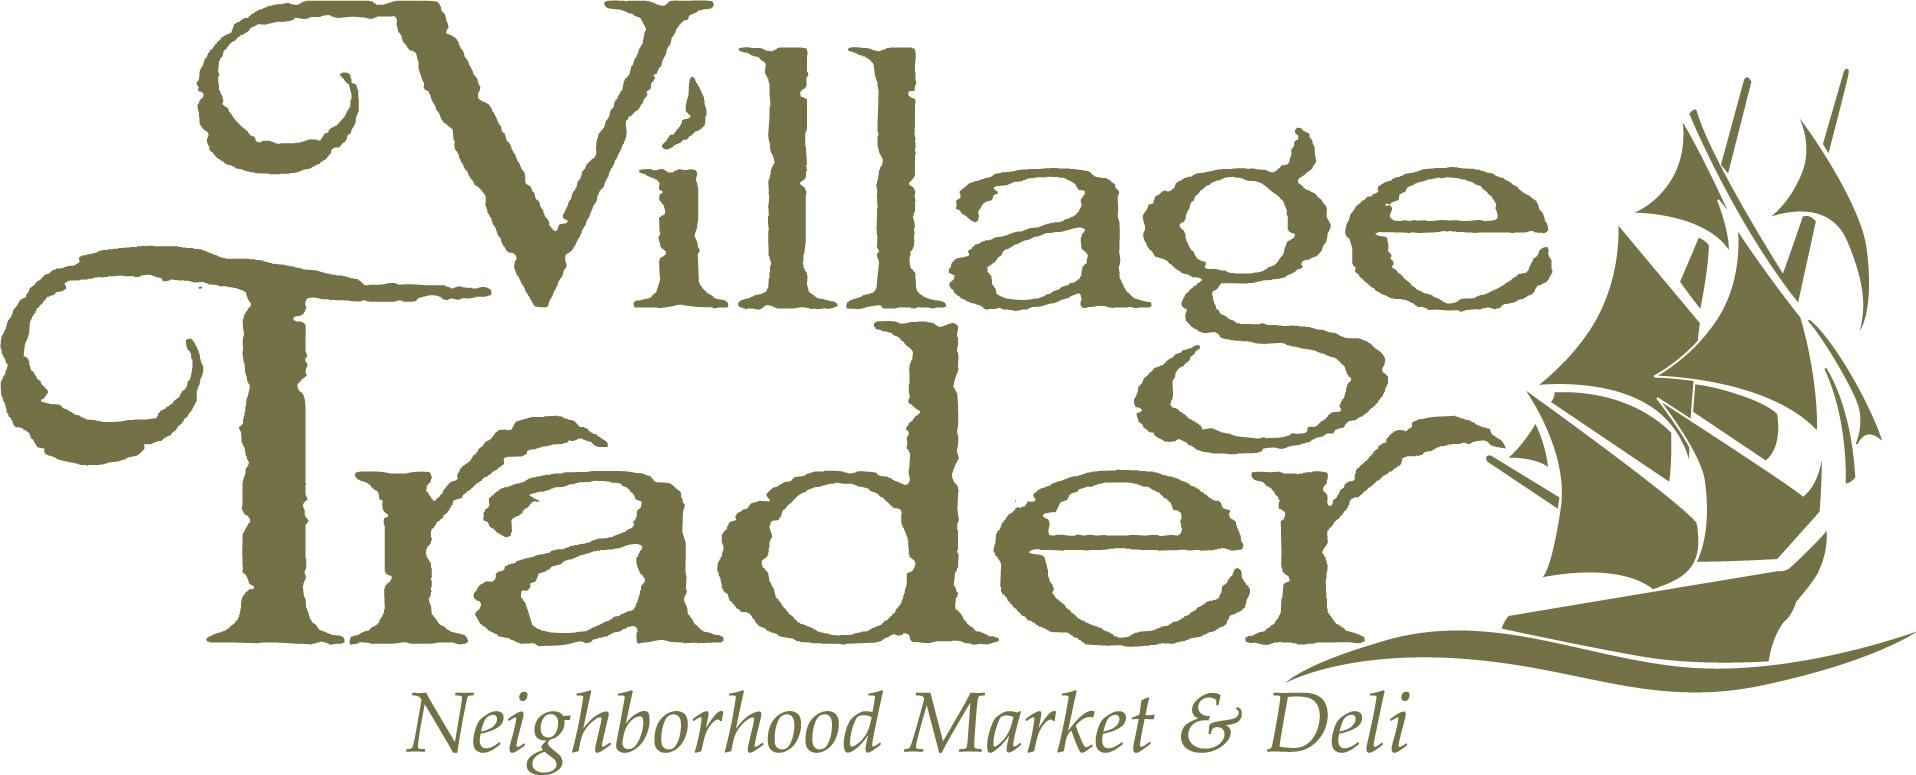 village-trader-logo.jpg